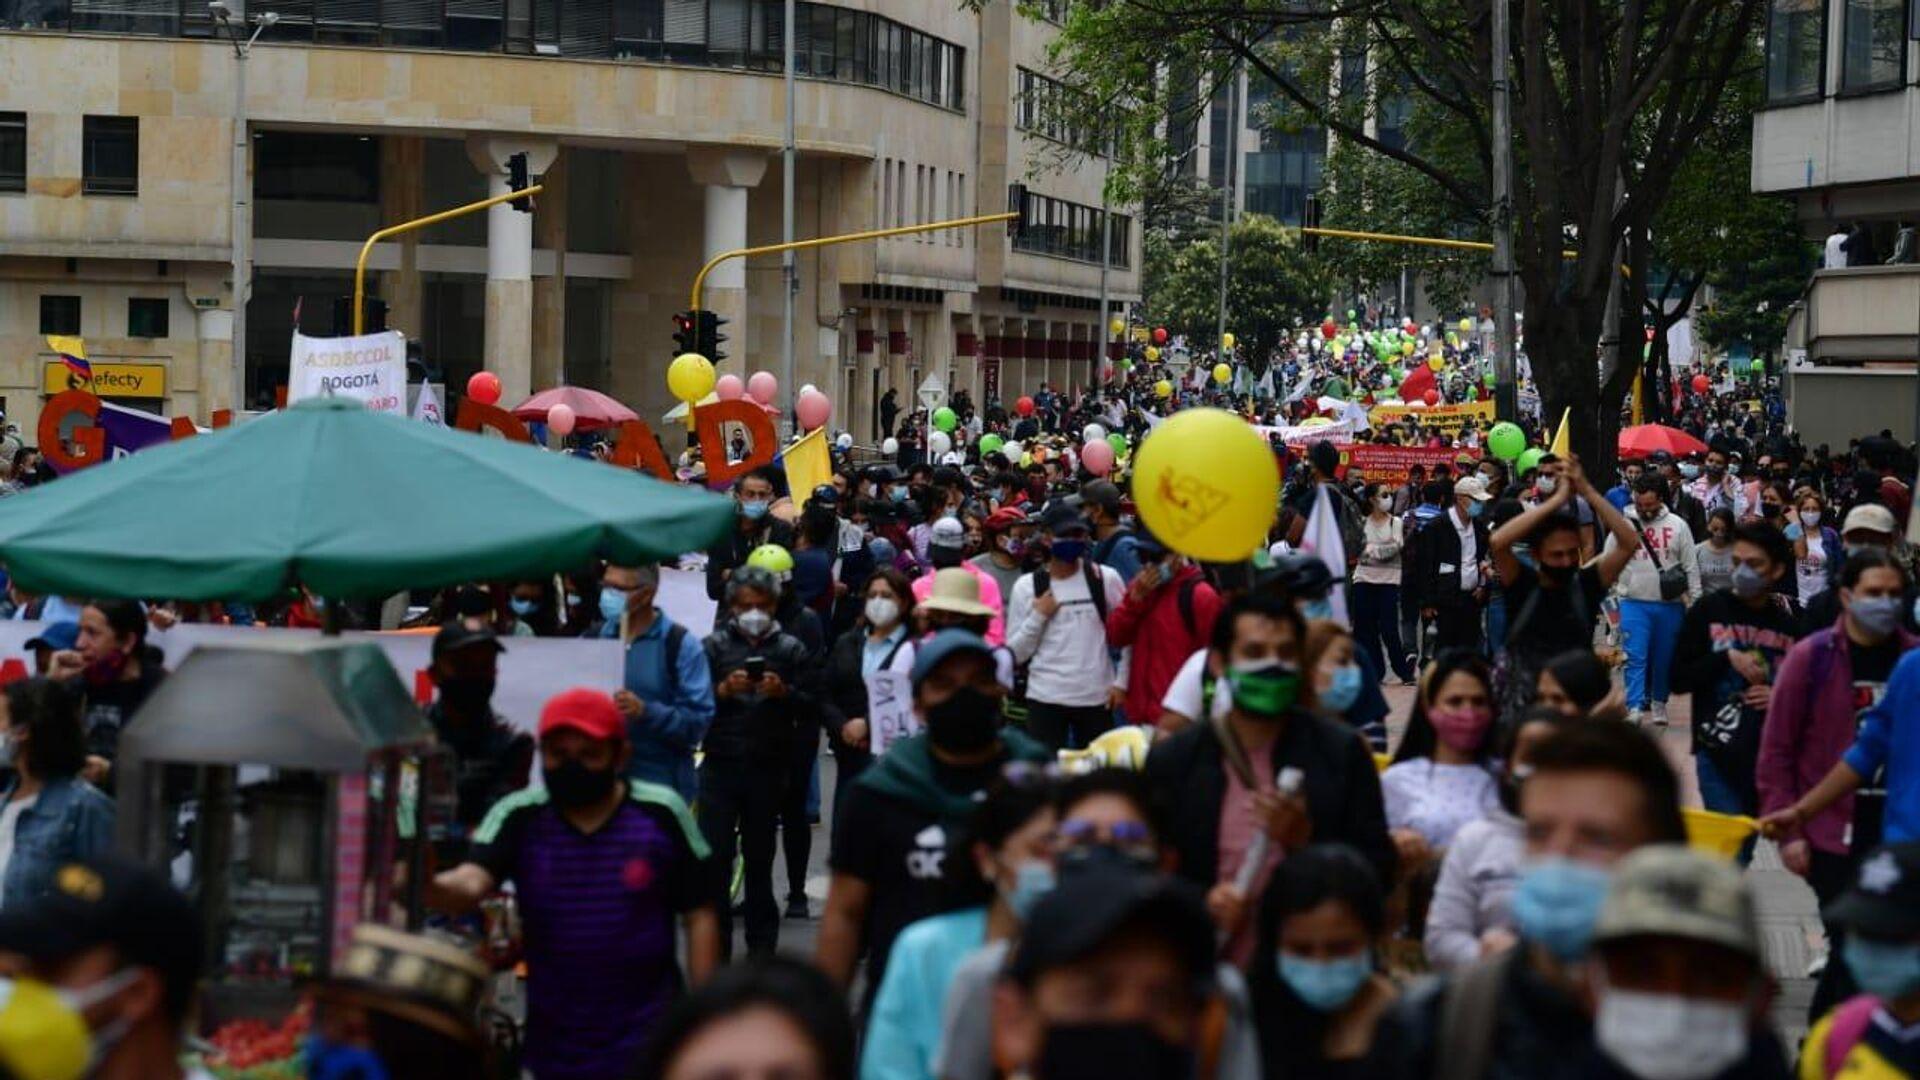 Bajo la lluvia pero con alegría marcharon los manifestantes en Bogotá - Sputnik Mundo, 1920, 20.08.2021